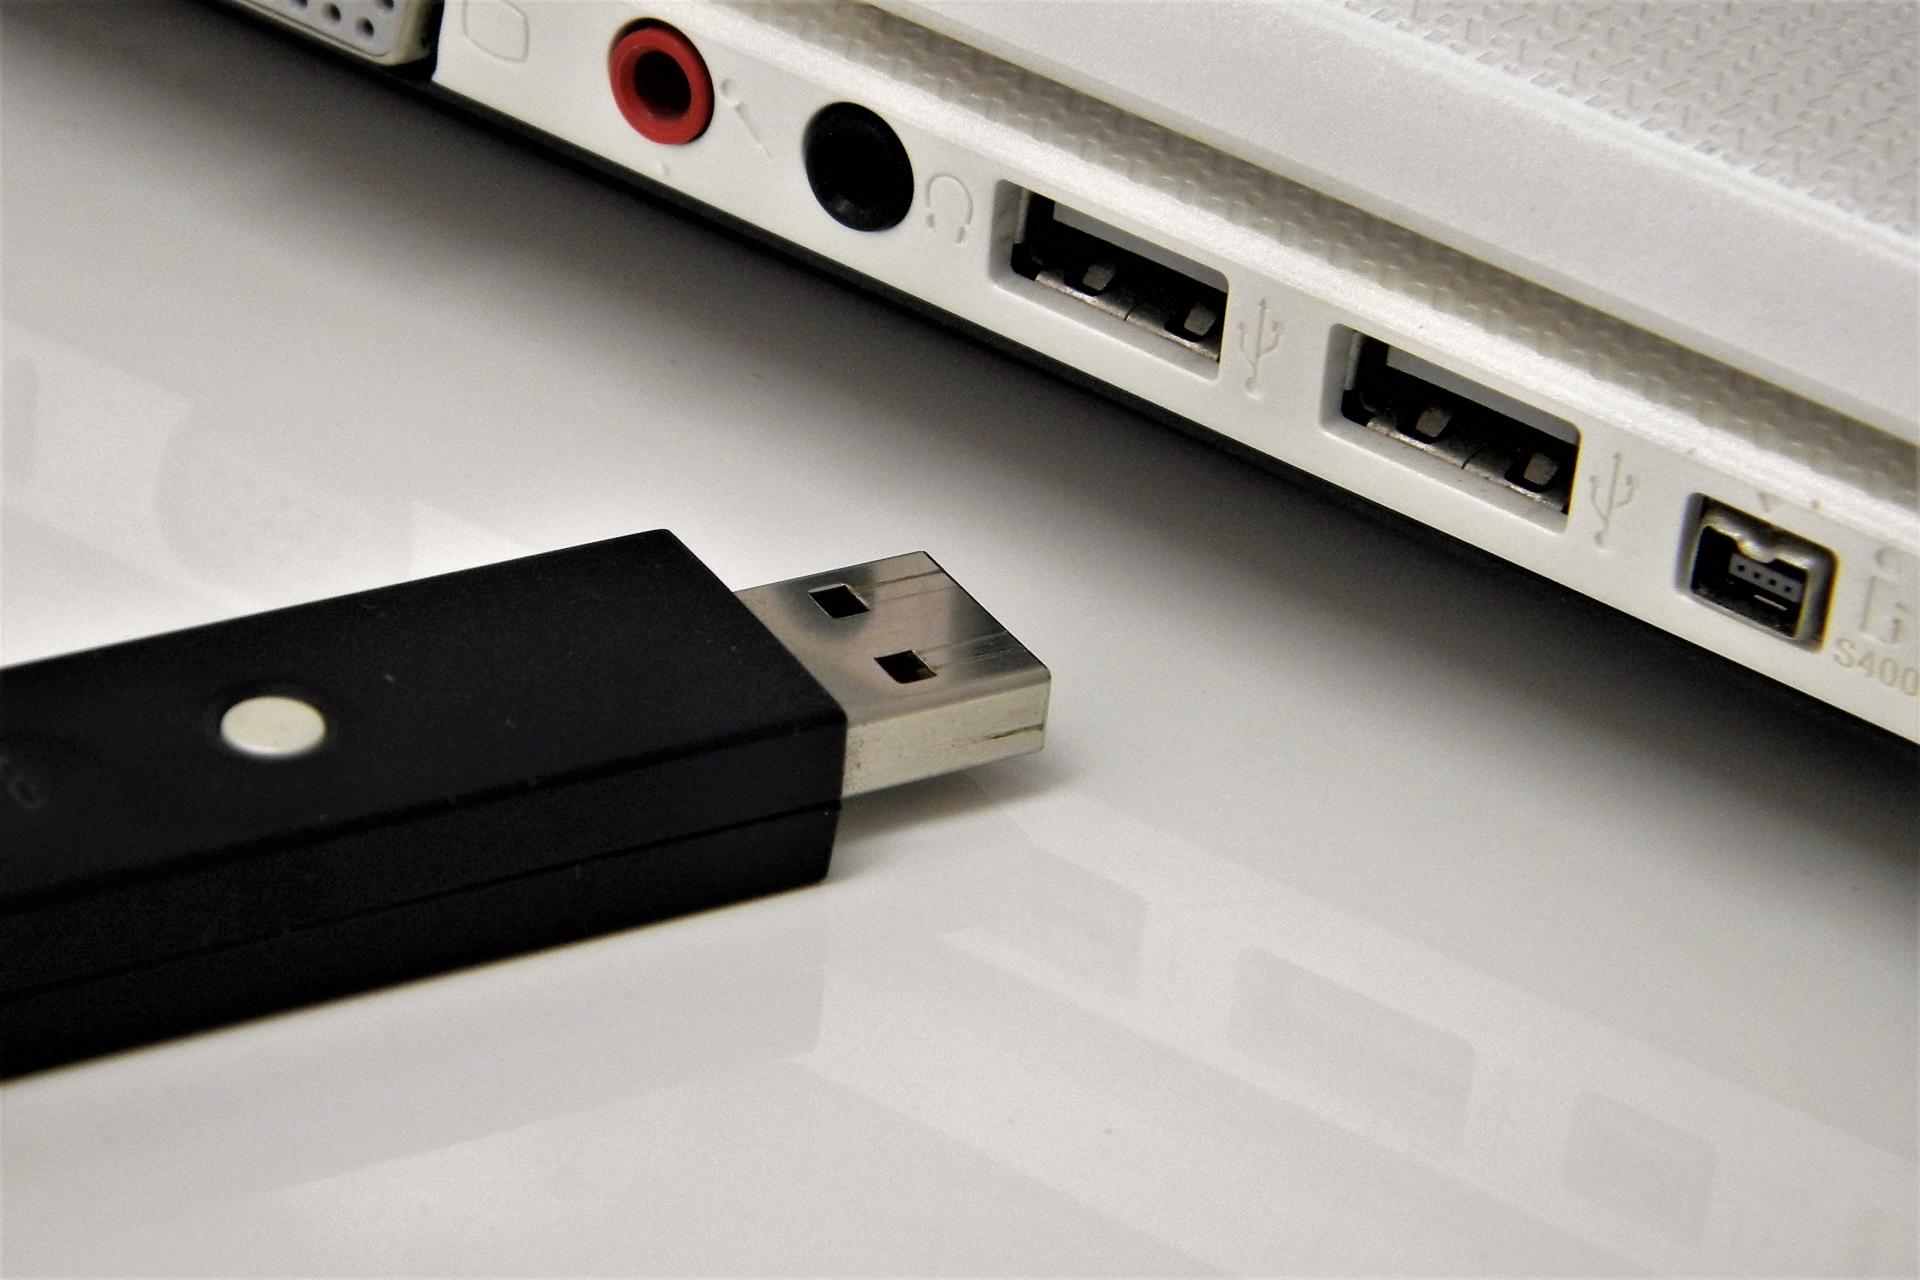 企業は使用を禁止すべき? USBメモリの危険性